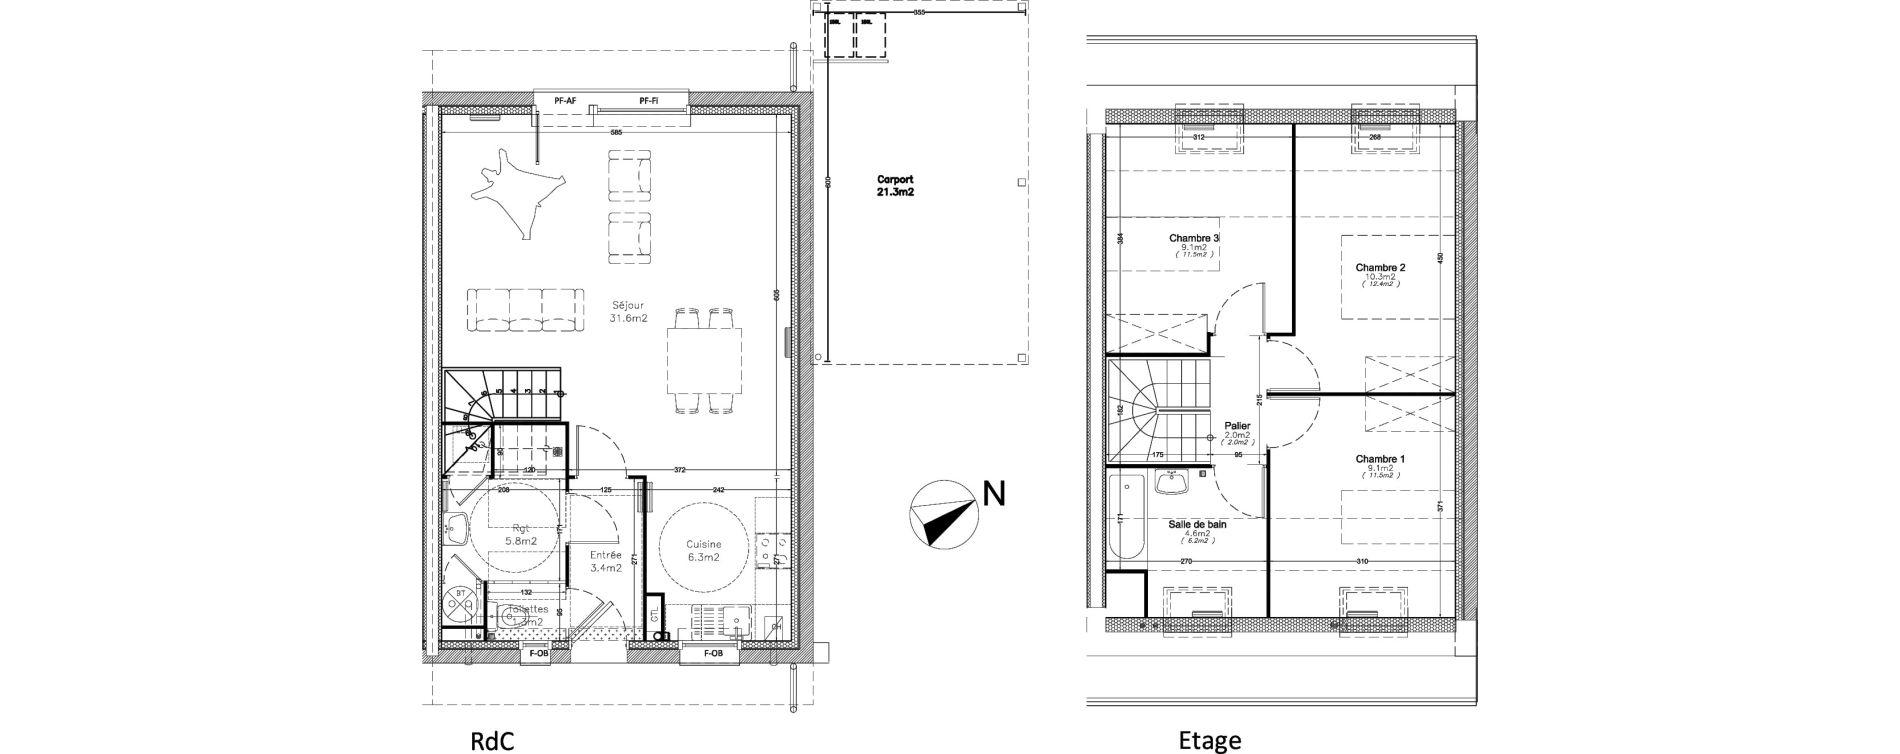 Maison T4 De 83 50m2 1er Etage O Ecrin De Ville Maisons Valenciennes Ref 437